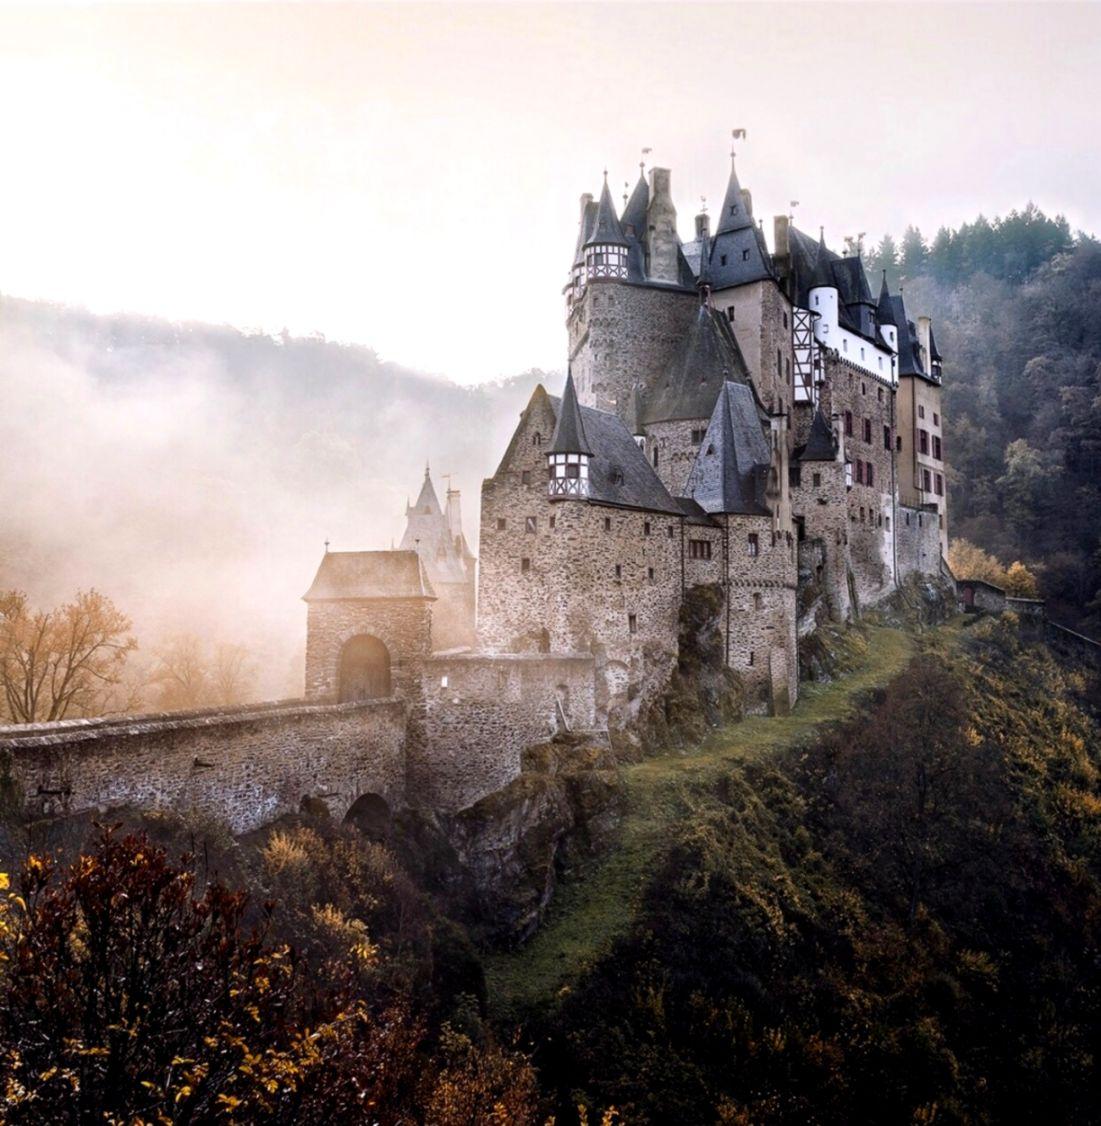 Eltz Castle Wierschem Germany Eltz Castle Magic Castle in